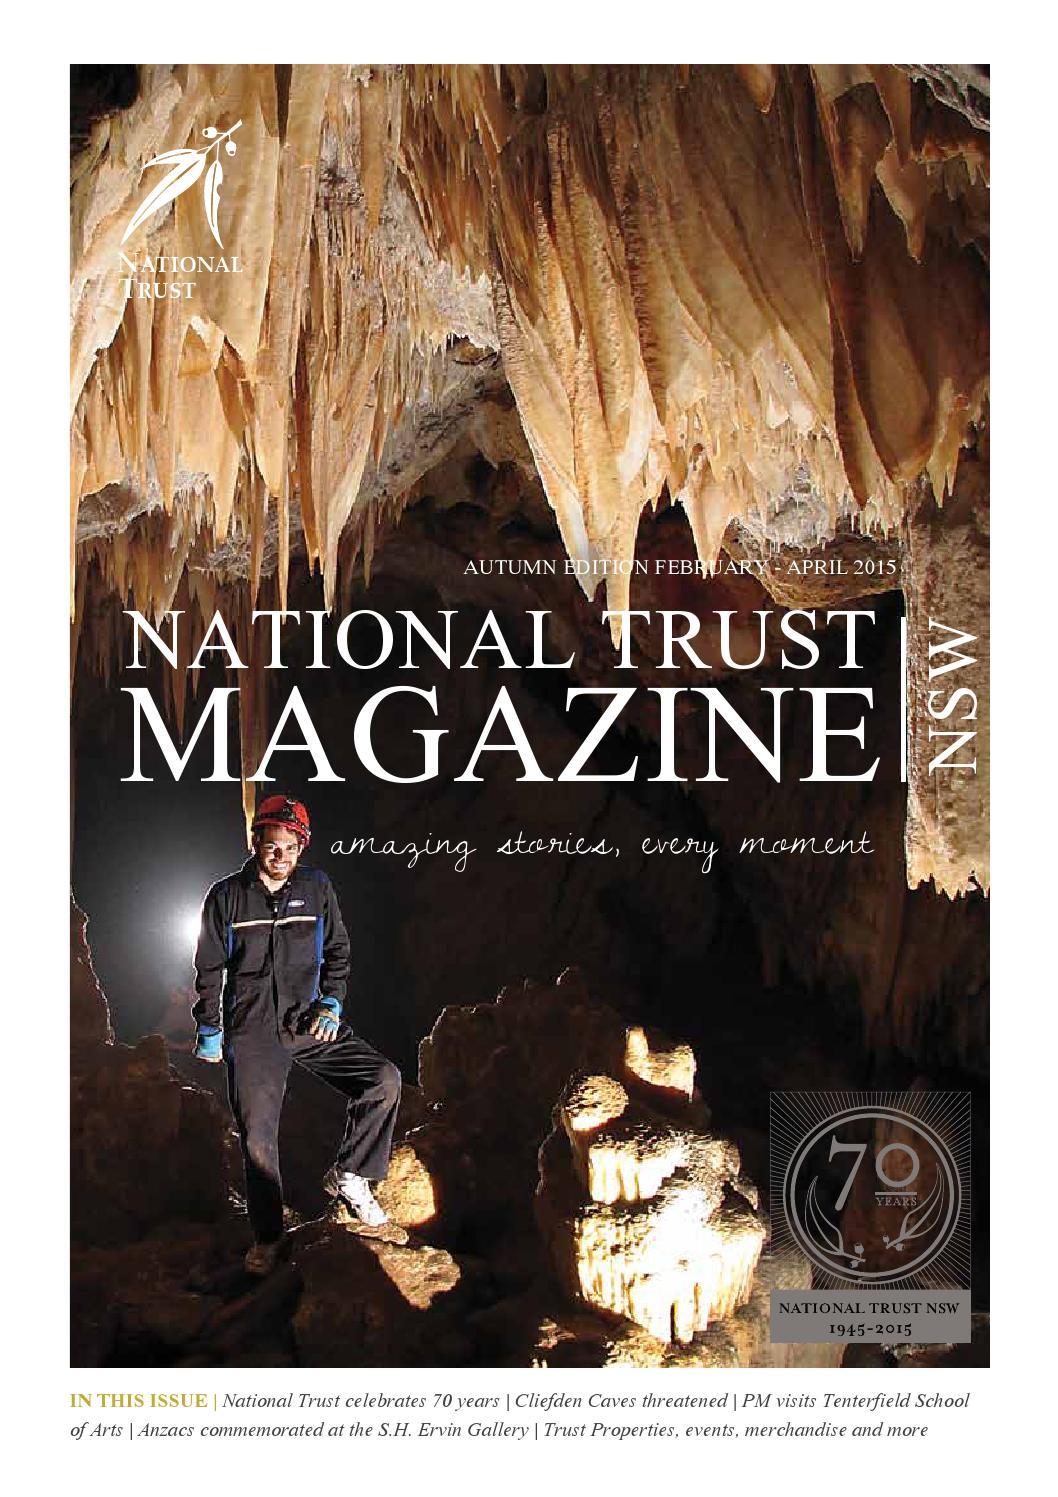 National trust nsw autumn 2015 magazine february april by national national trust nsw autumn 2015 magazine february april by national trust nsw issuu fandeluxe Images